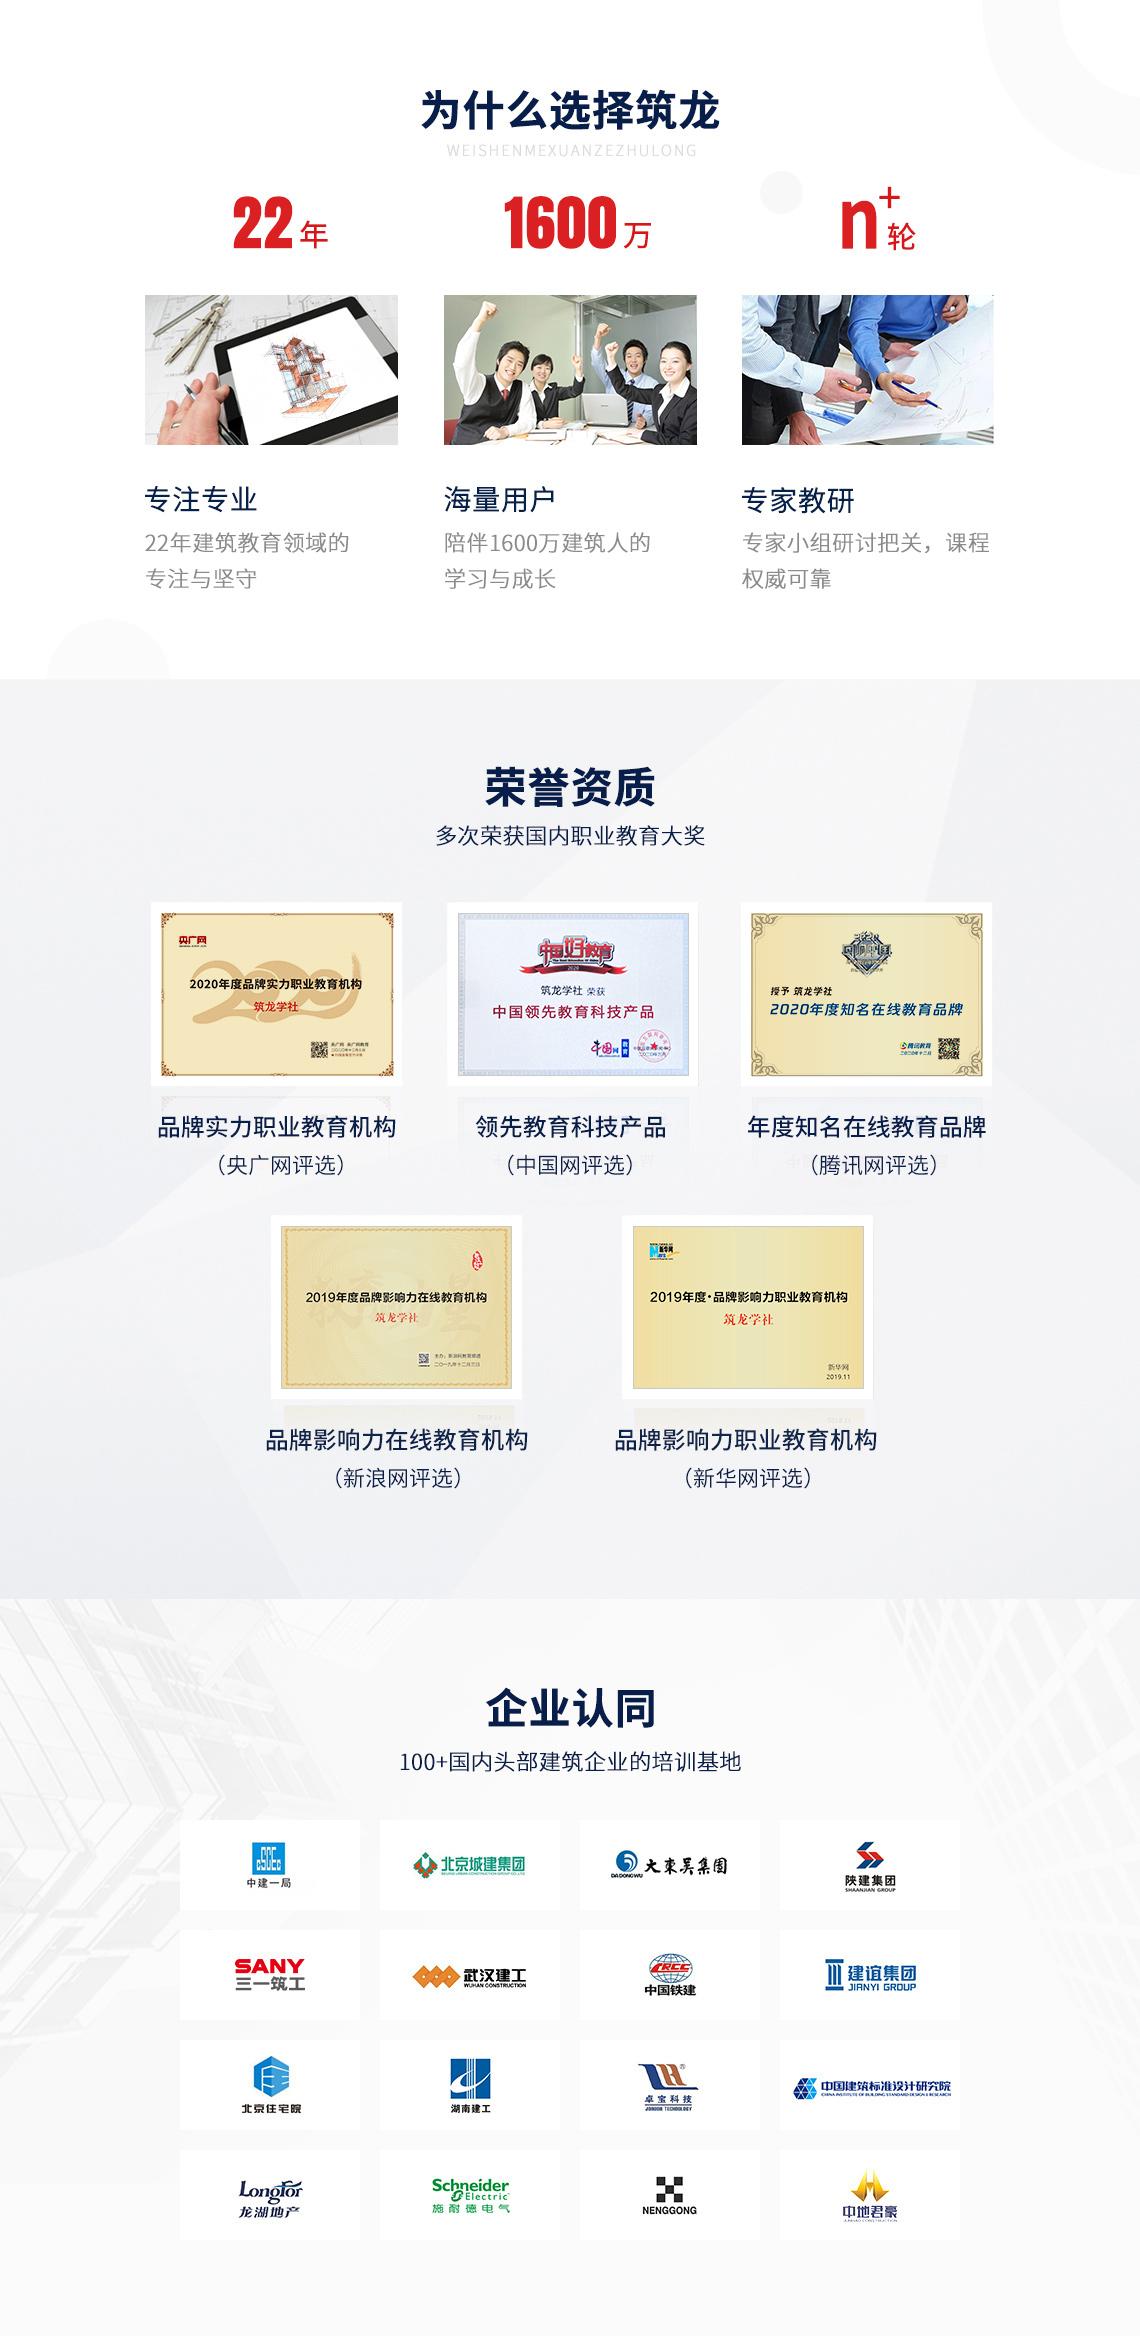 国家注册监理工程师考试培训,选择筑龙,多项大奖认证保障